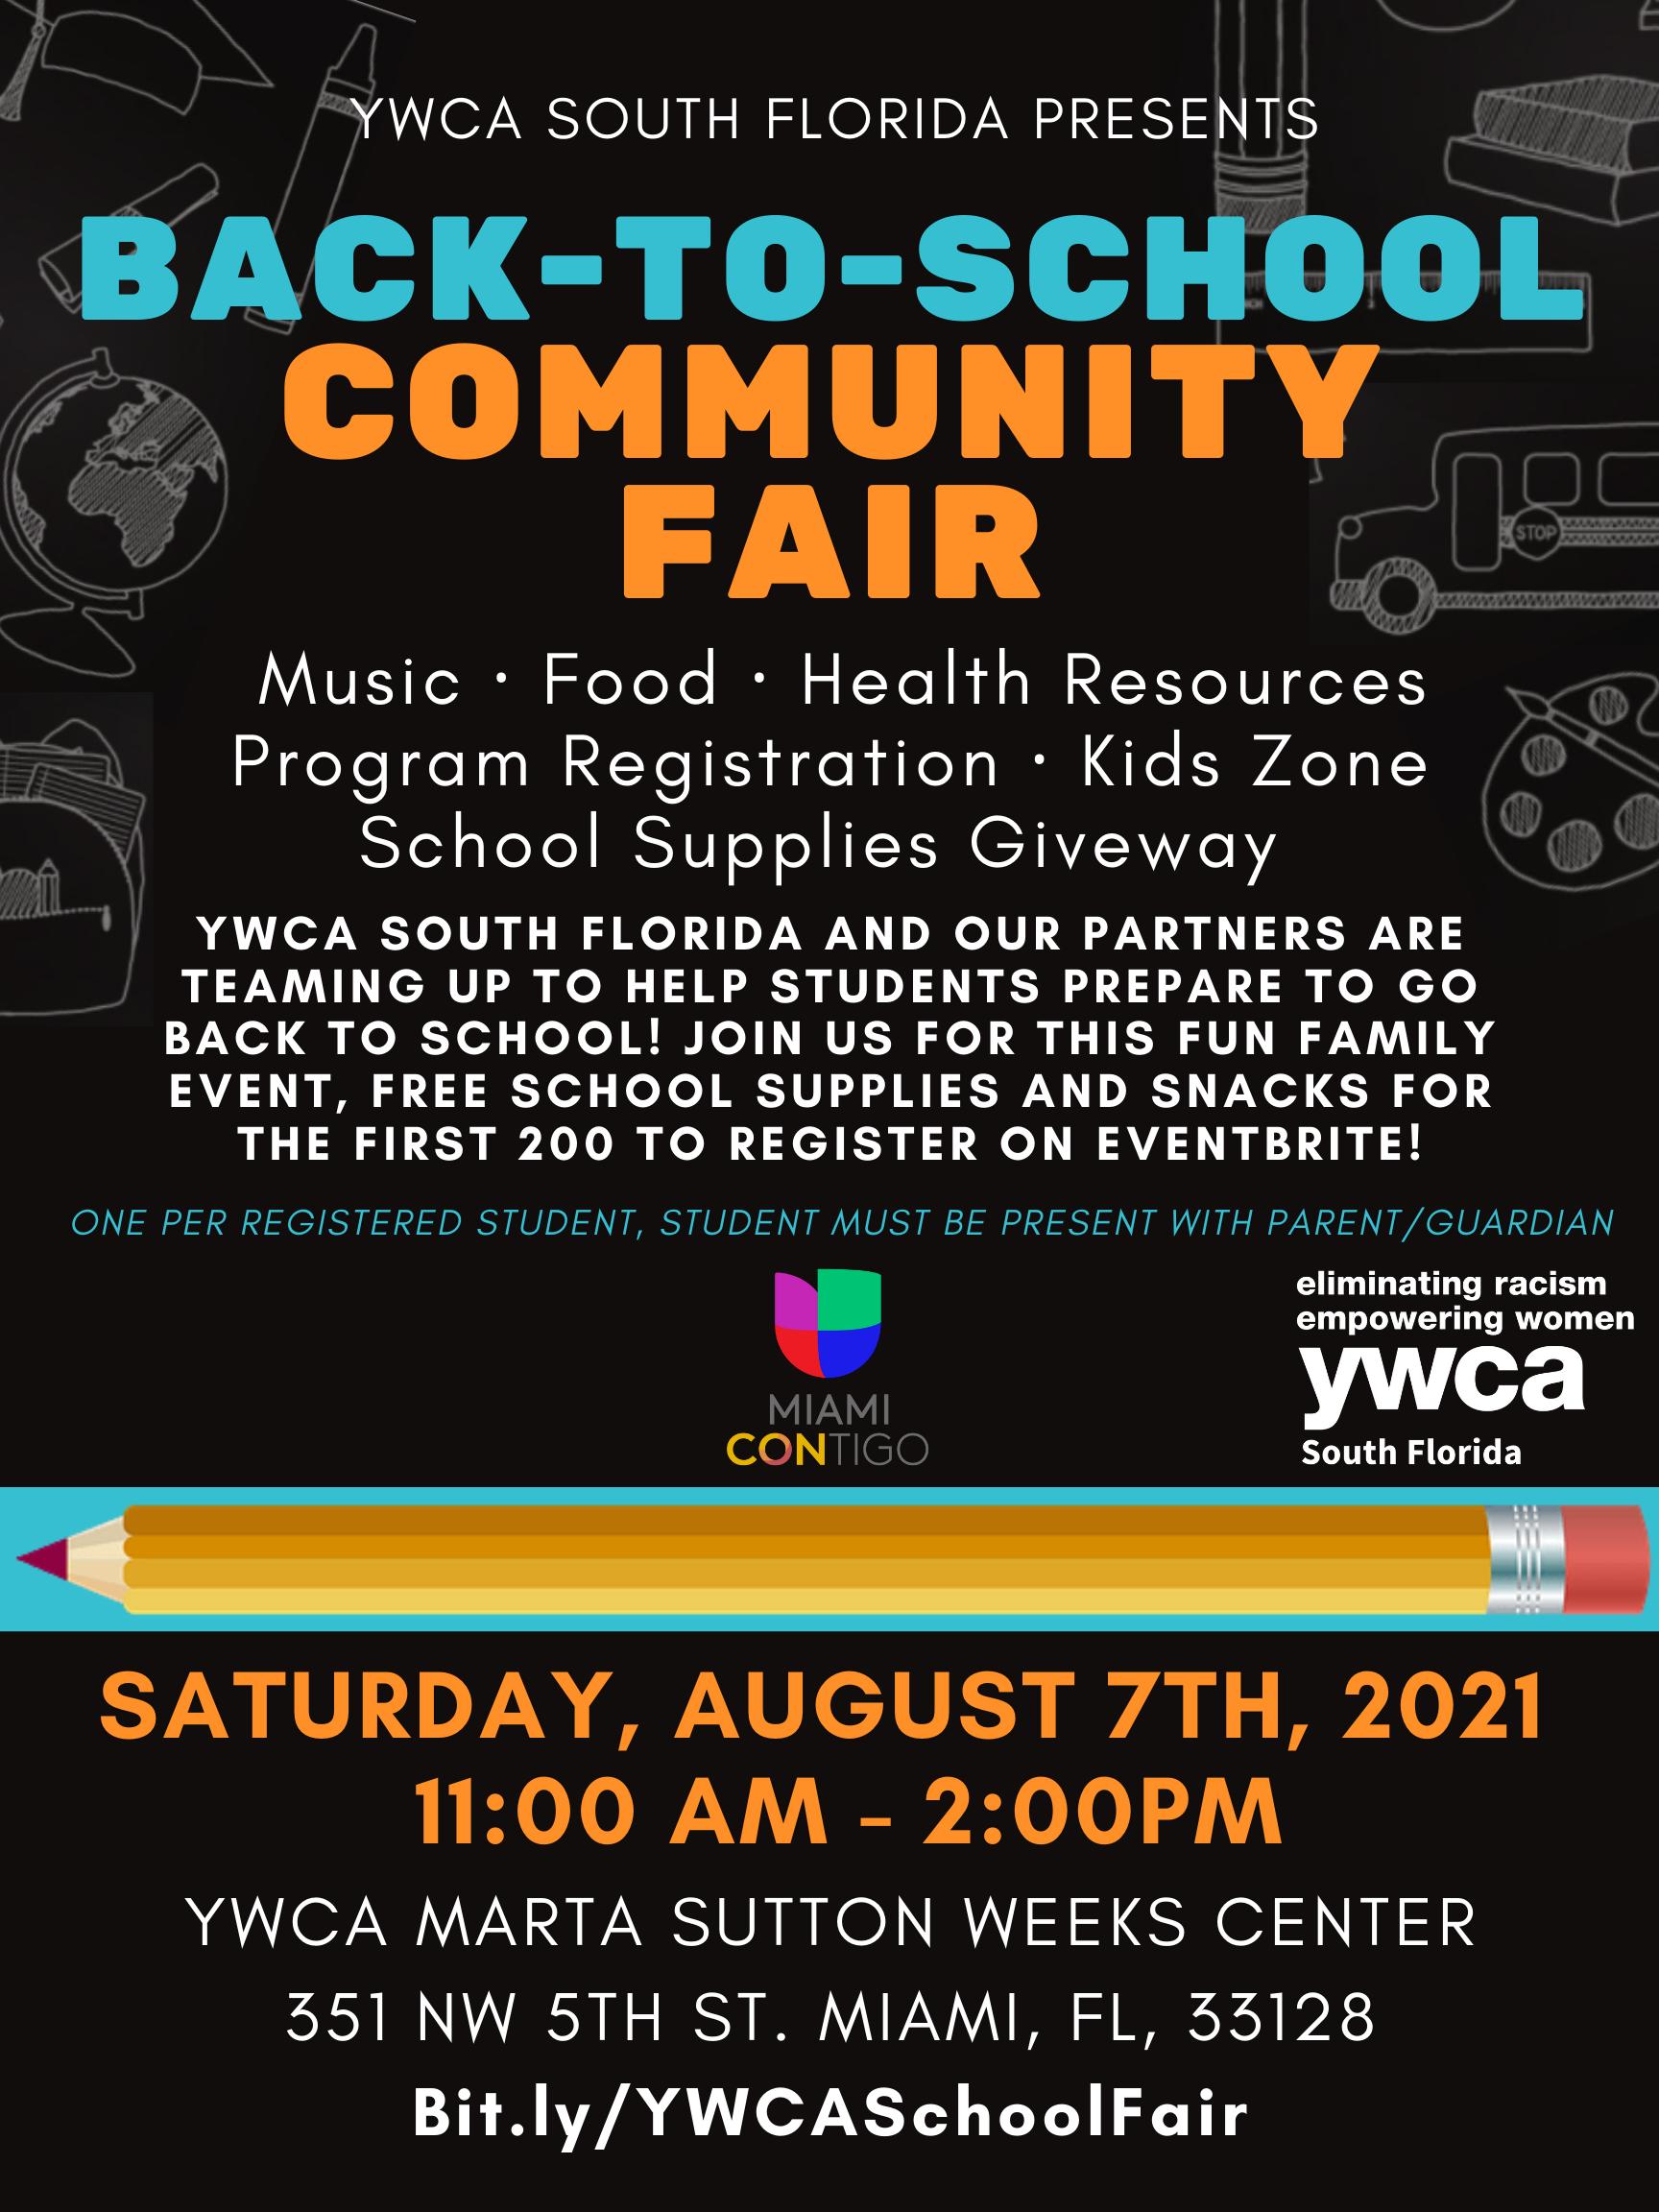 Back-to-School Community Fair @ YWCA South Florida